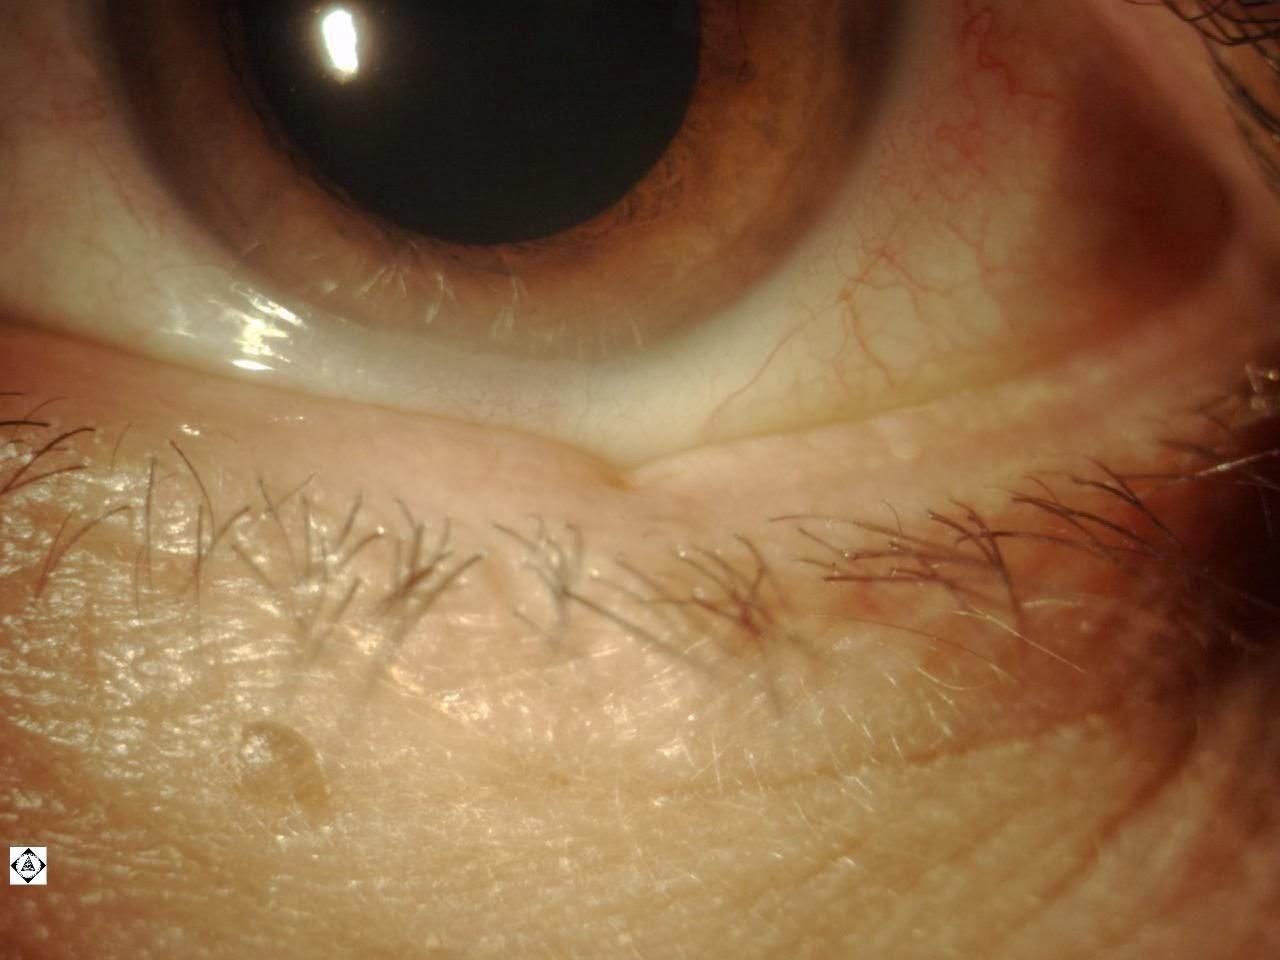 blood in lower eyelid